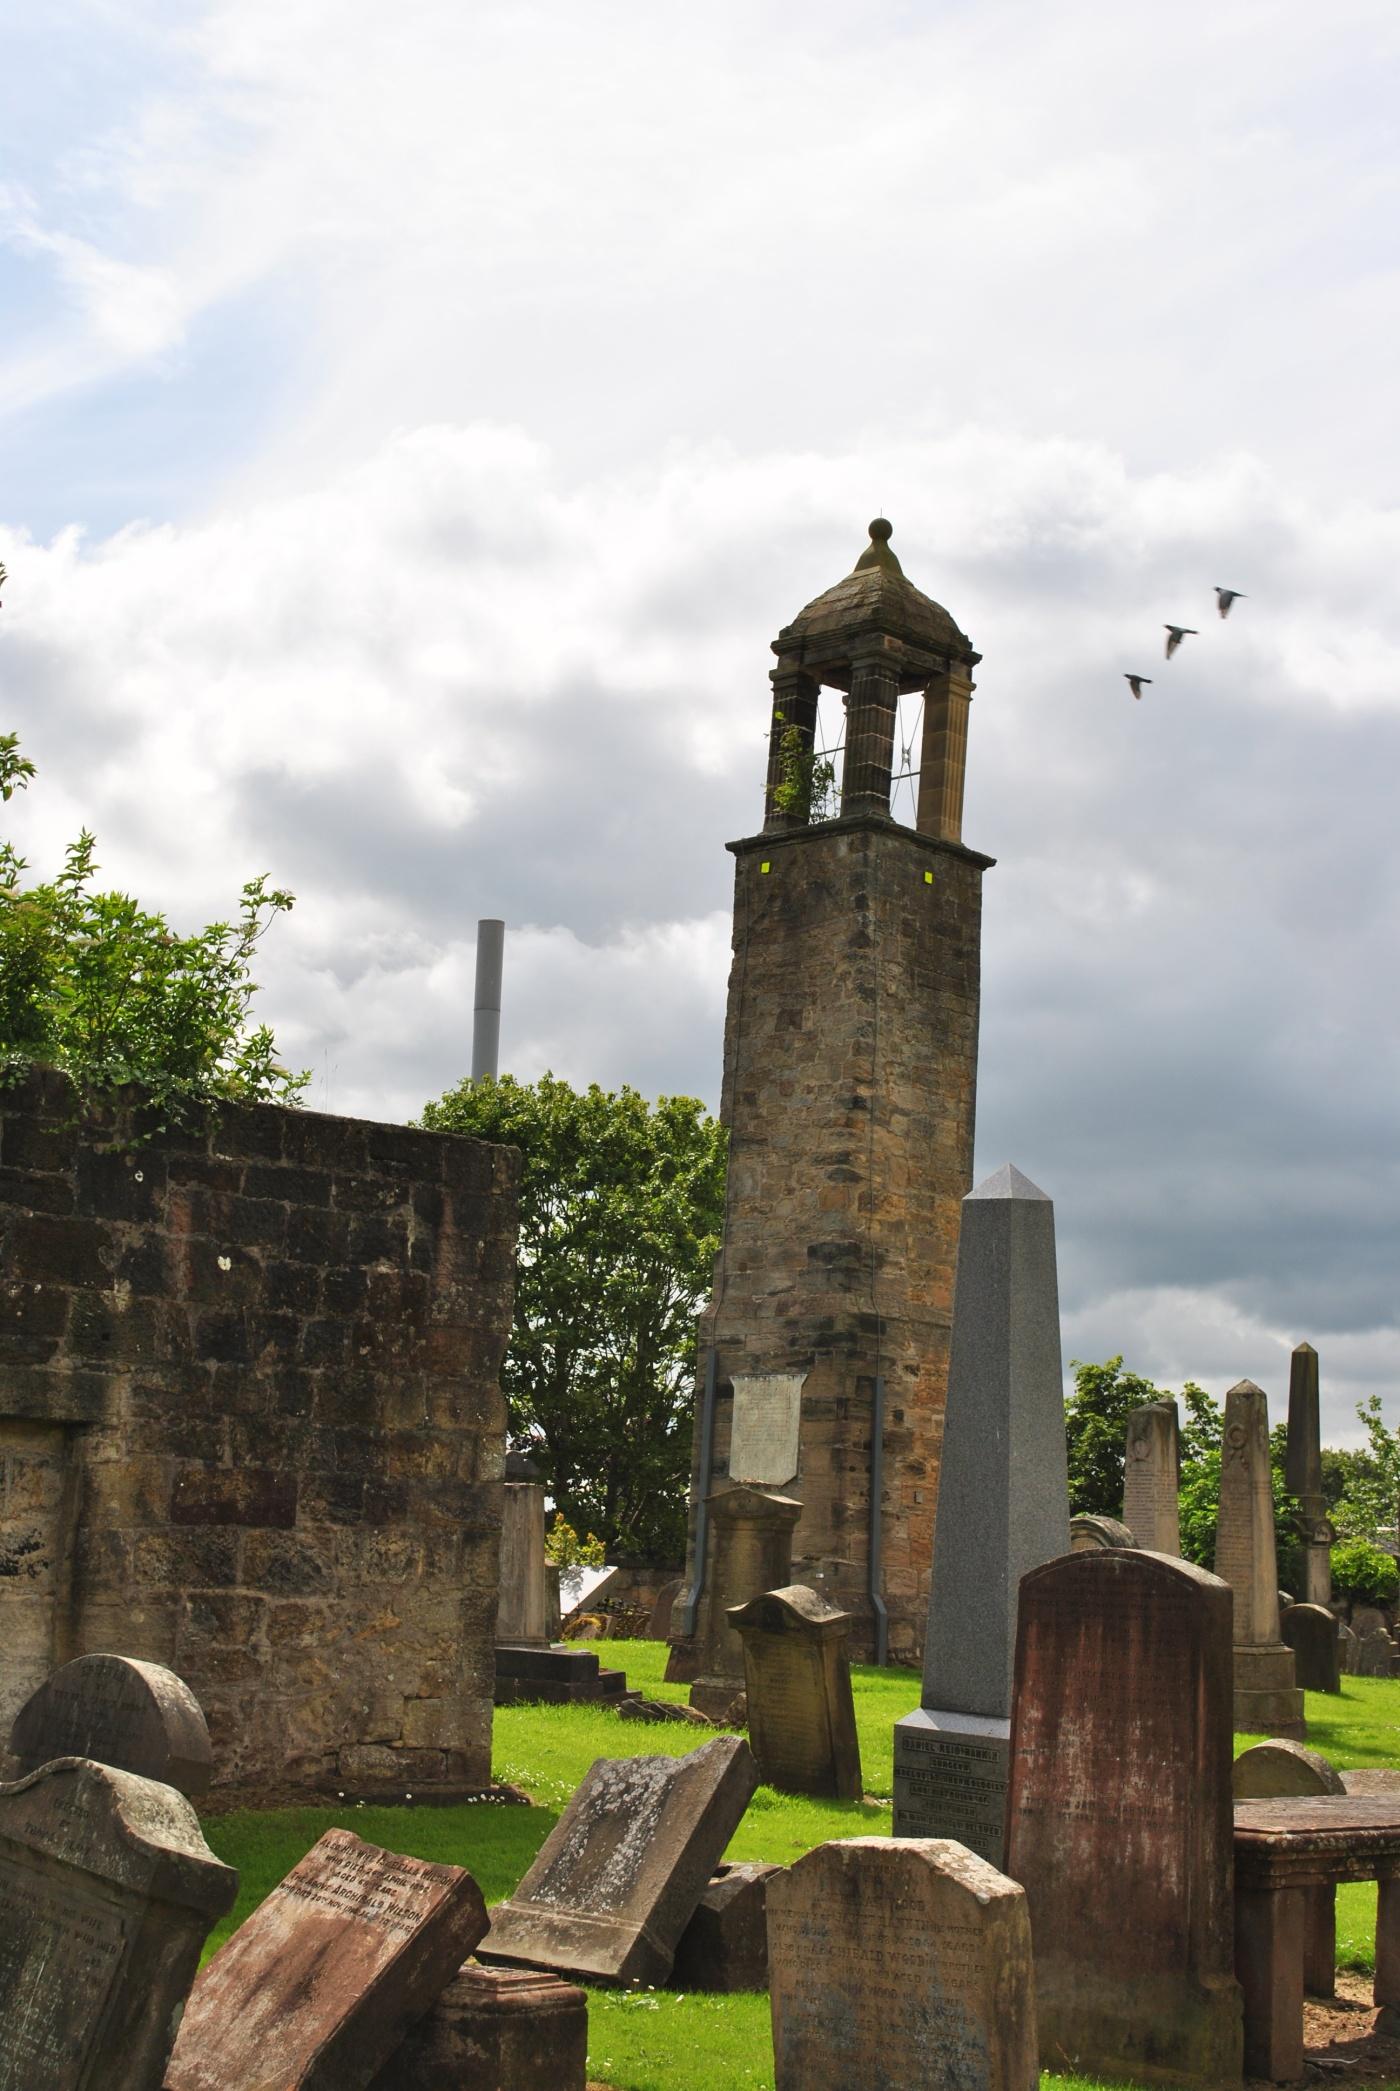 Carluke graves and bell tower